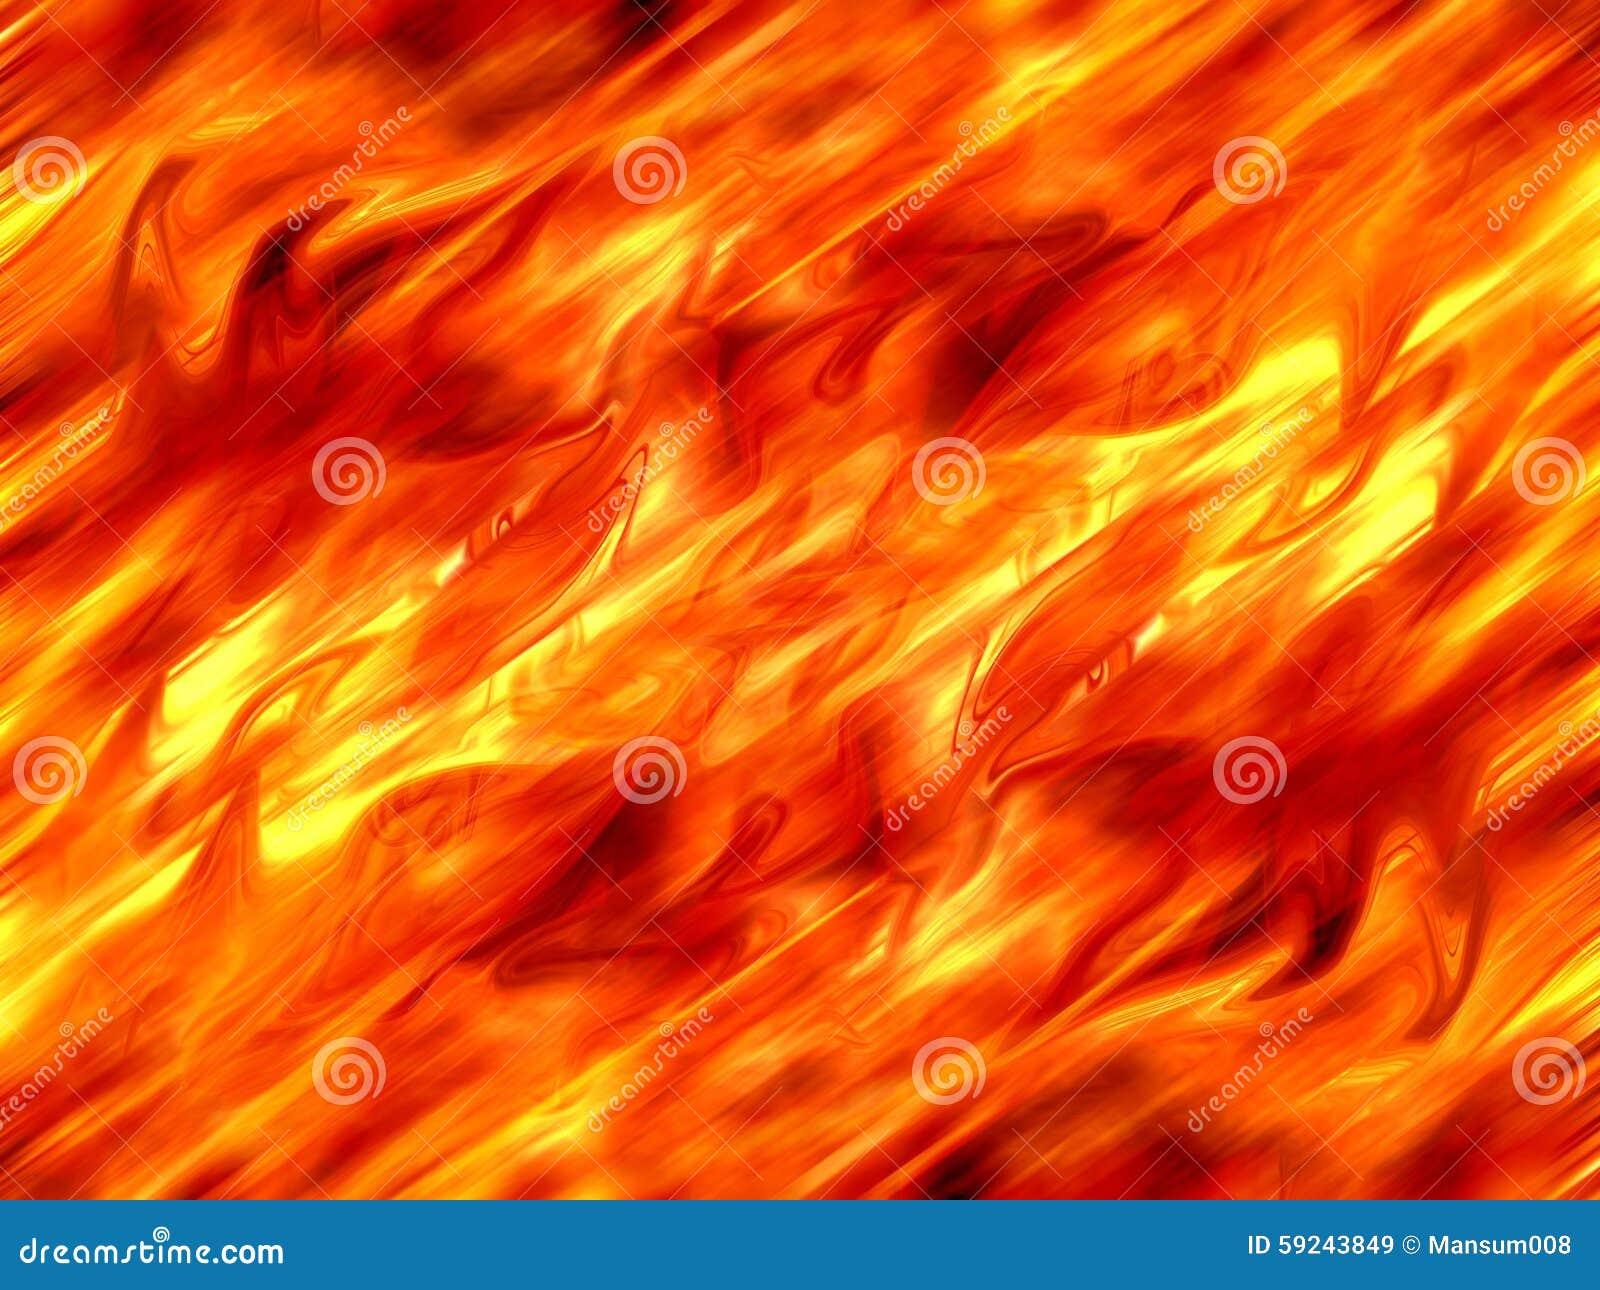 Fondo del modelo del extracto del fuego del arte